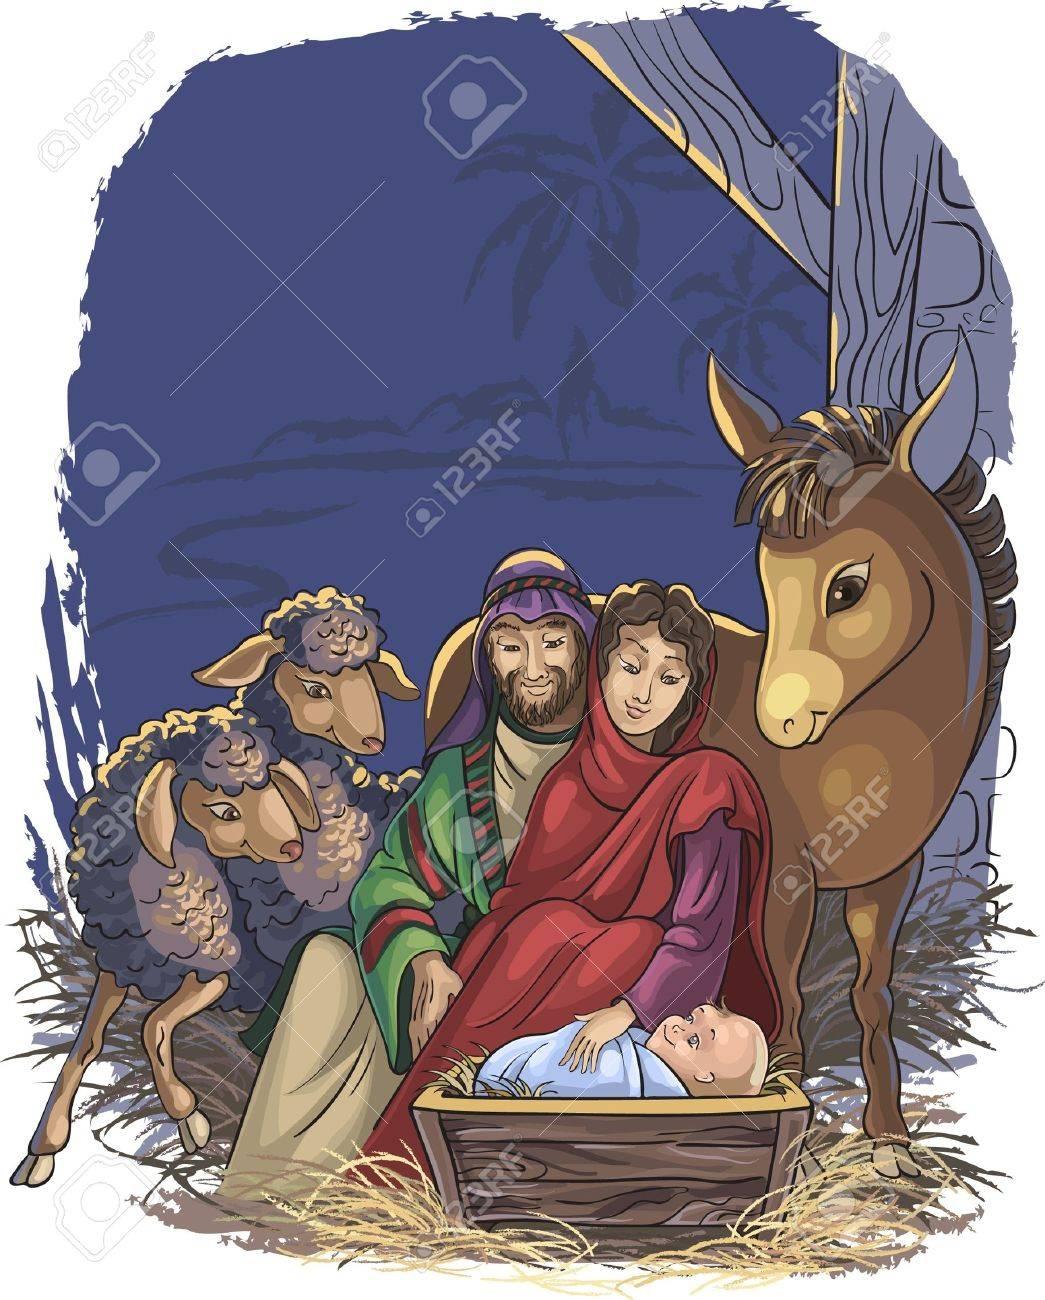 Imagenes Sagrada Familia Navidad.Pesebre De Navidad Con La Sagrada Familia La Imagen Vectorial Esta Muy Bien Organizada En Grupos